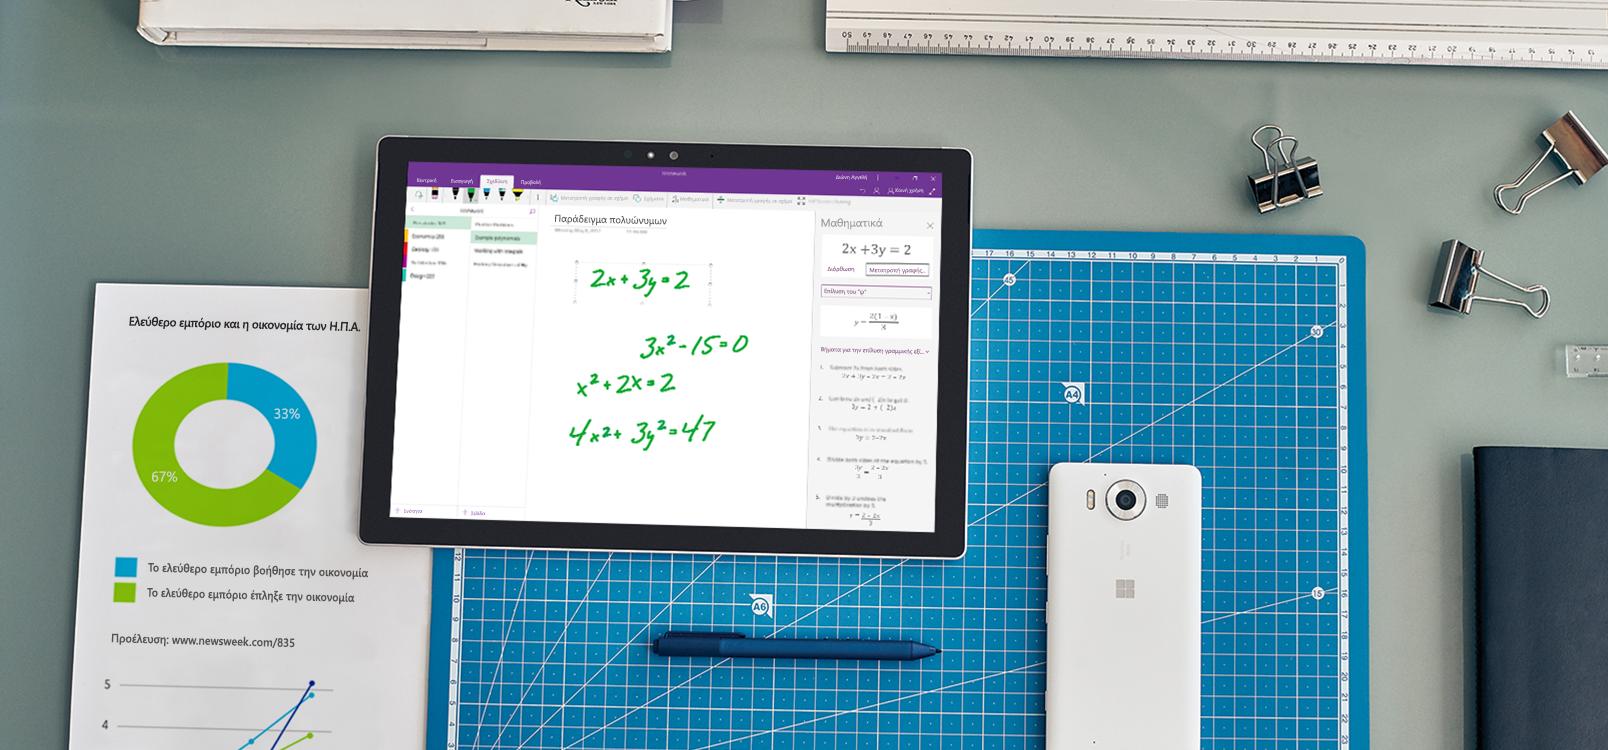 Οθόνη tablet που εμφανίζει το OneNote όπου χρησιμοποιείται ο Βοηθός μετατροπής γραφής σε μαθηματικά